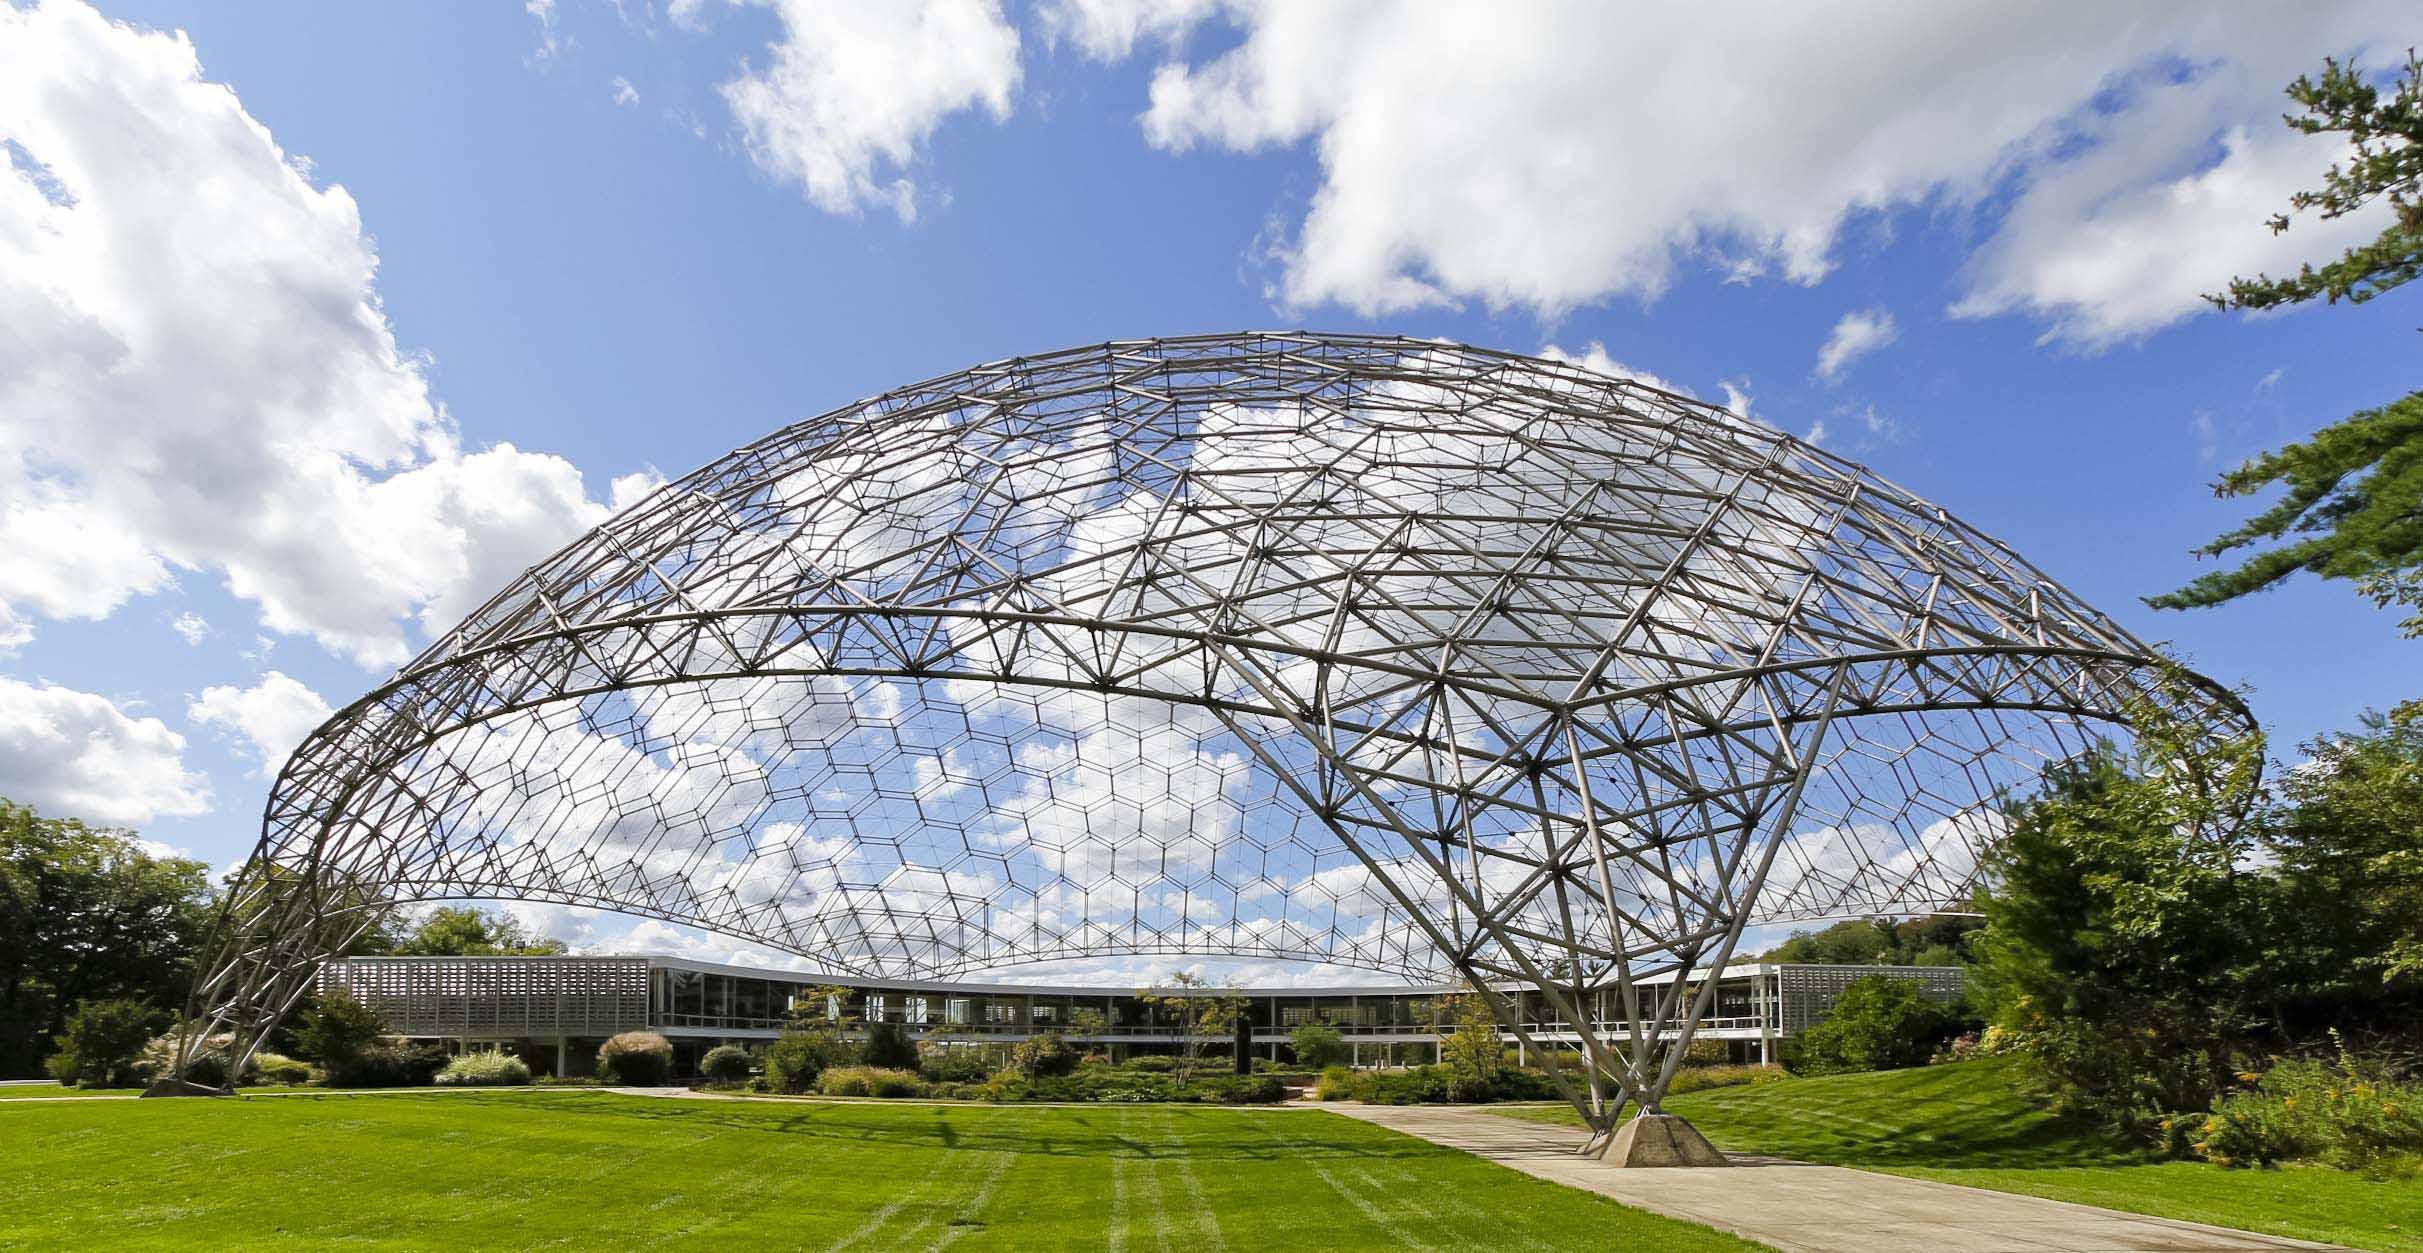 ... //estoprelims.com/blog/wp-content/uploads/2011/09/JG-dome. ... & Geodesic Domes memphite.com